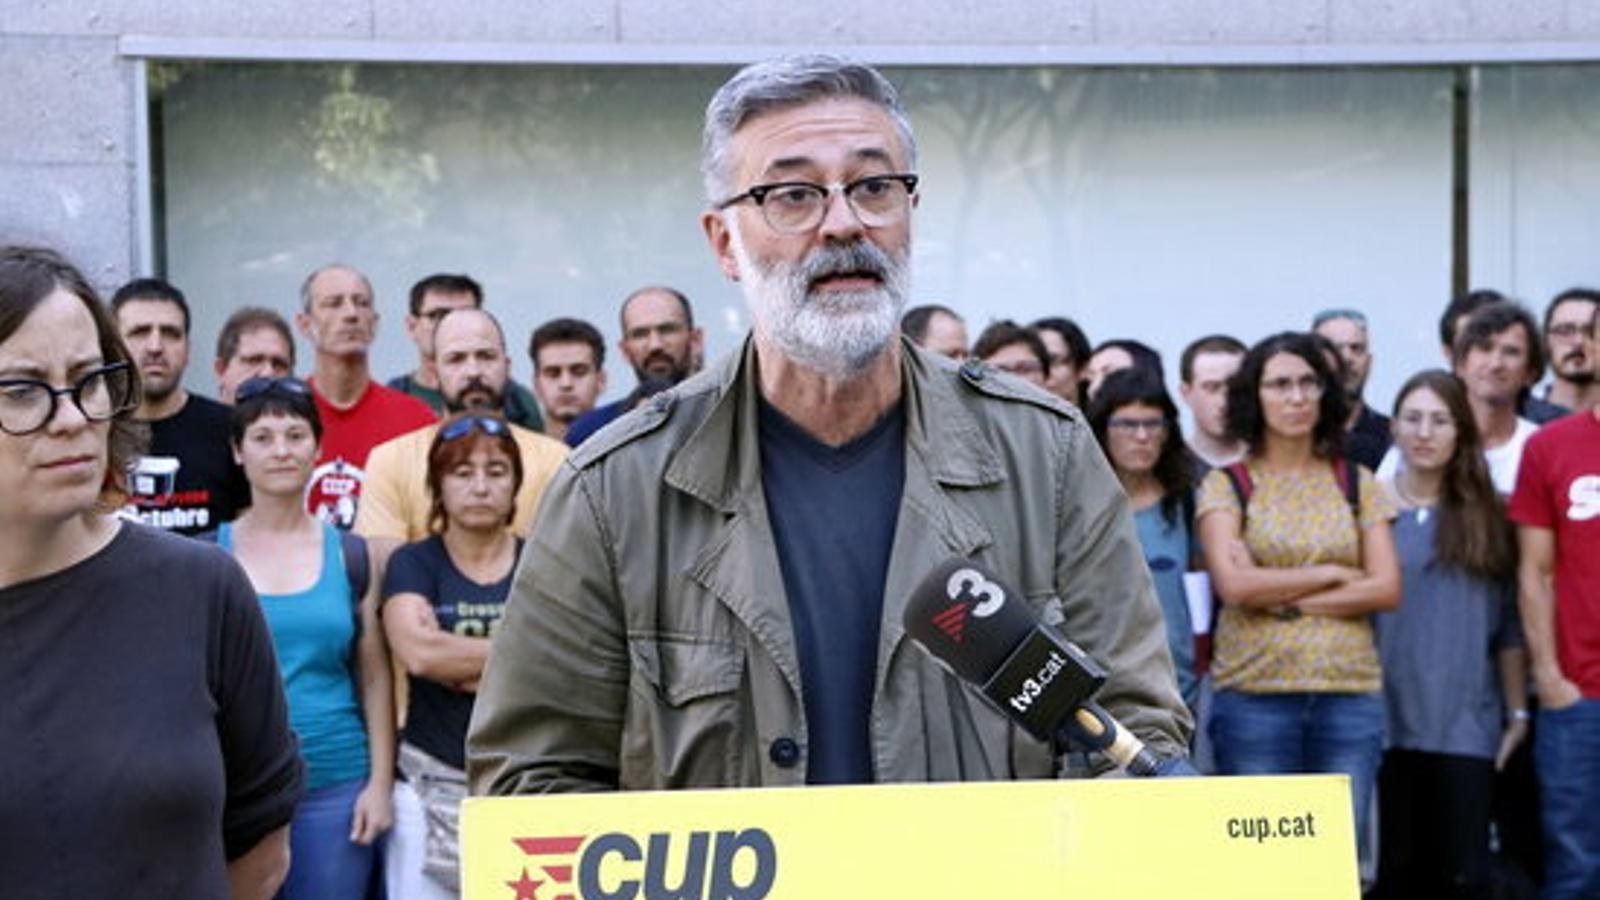 La CUP proposa reunir aquest dilluns una taula amb tots els càrrecs electes a favor del dret a l'autodeterminació